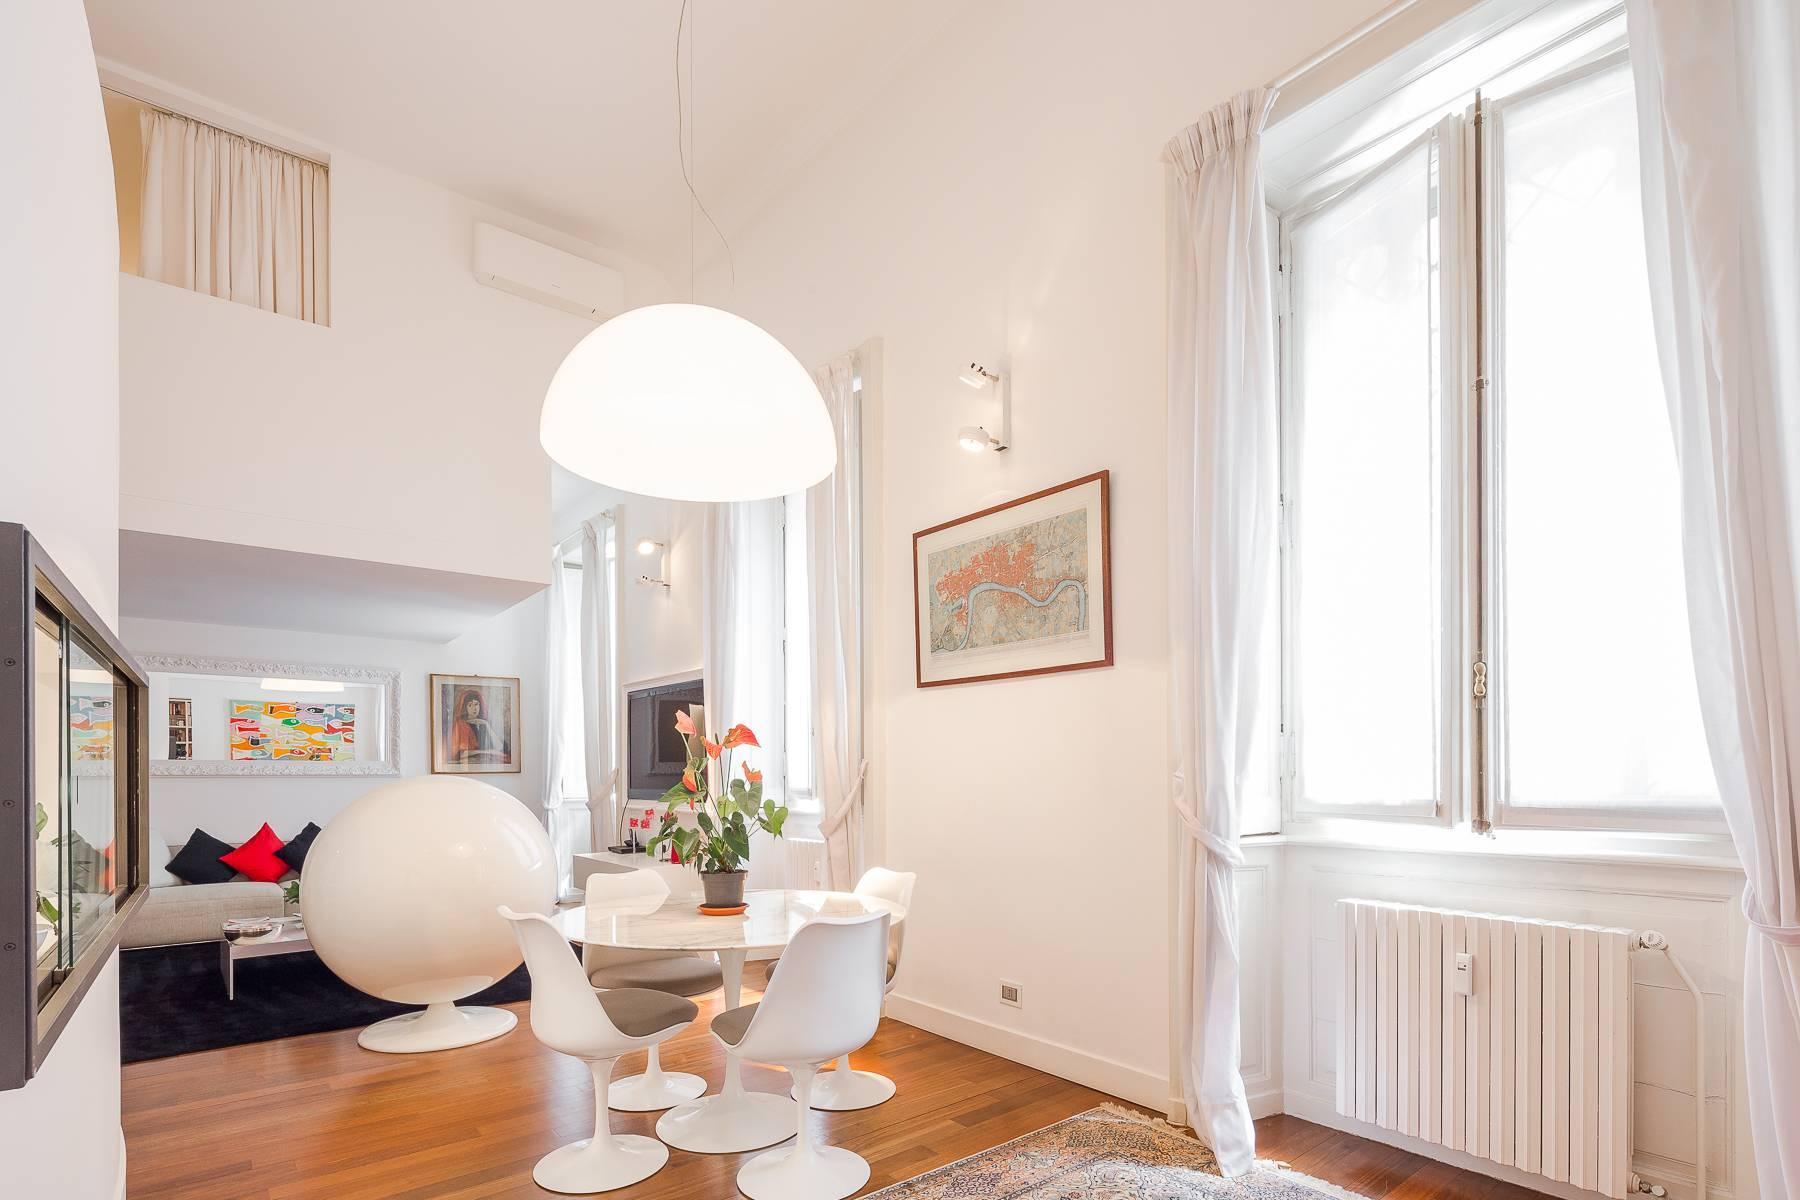 位于布雷拉区Via Montebello与De Marchi交汇处的公寓/复式 - 11